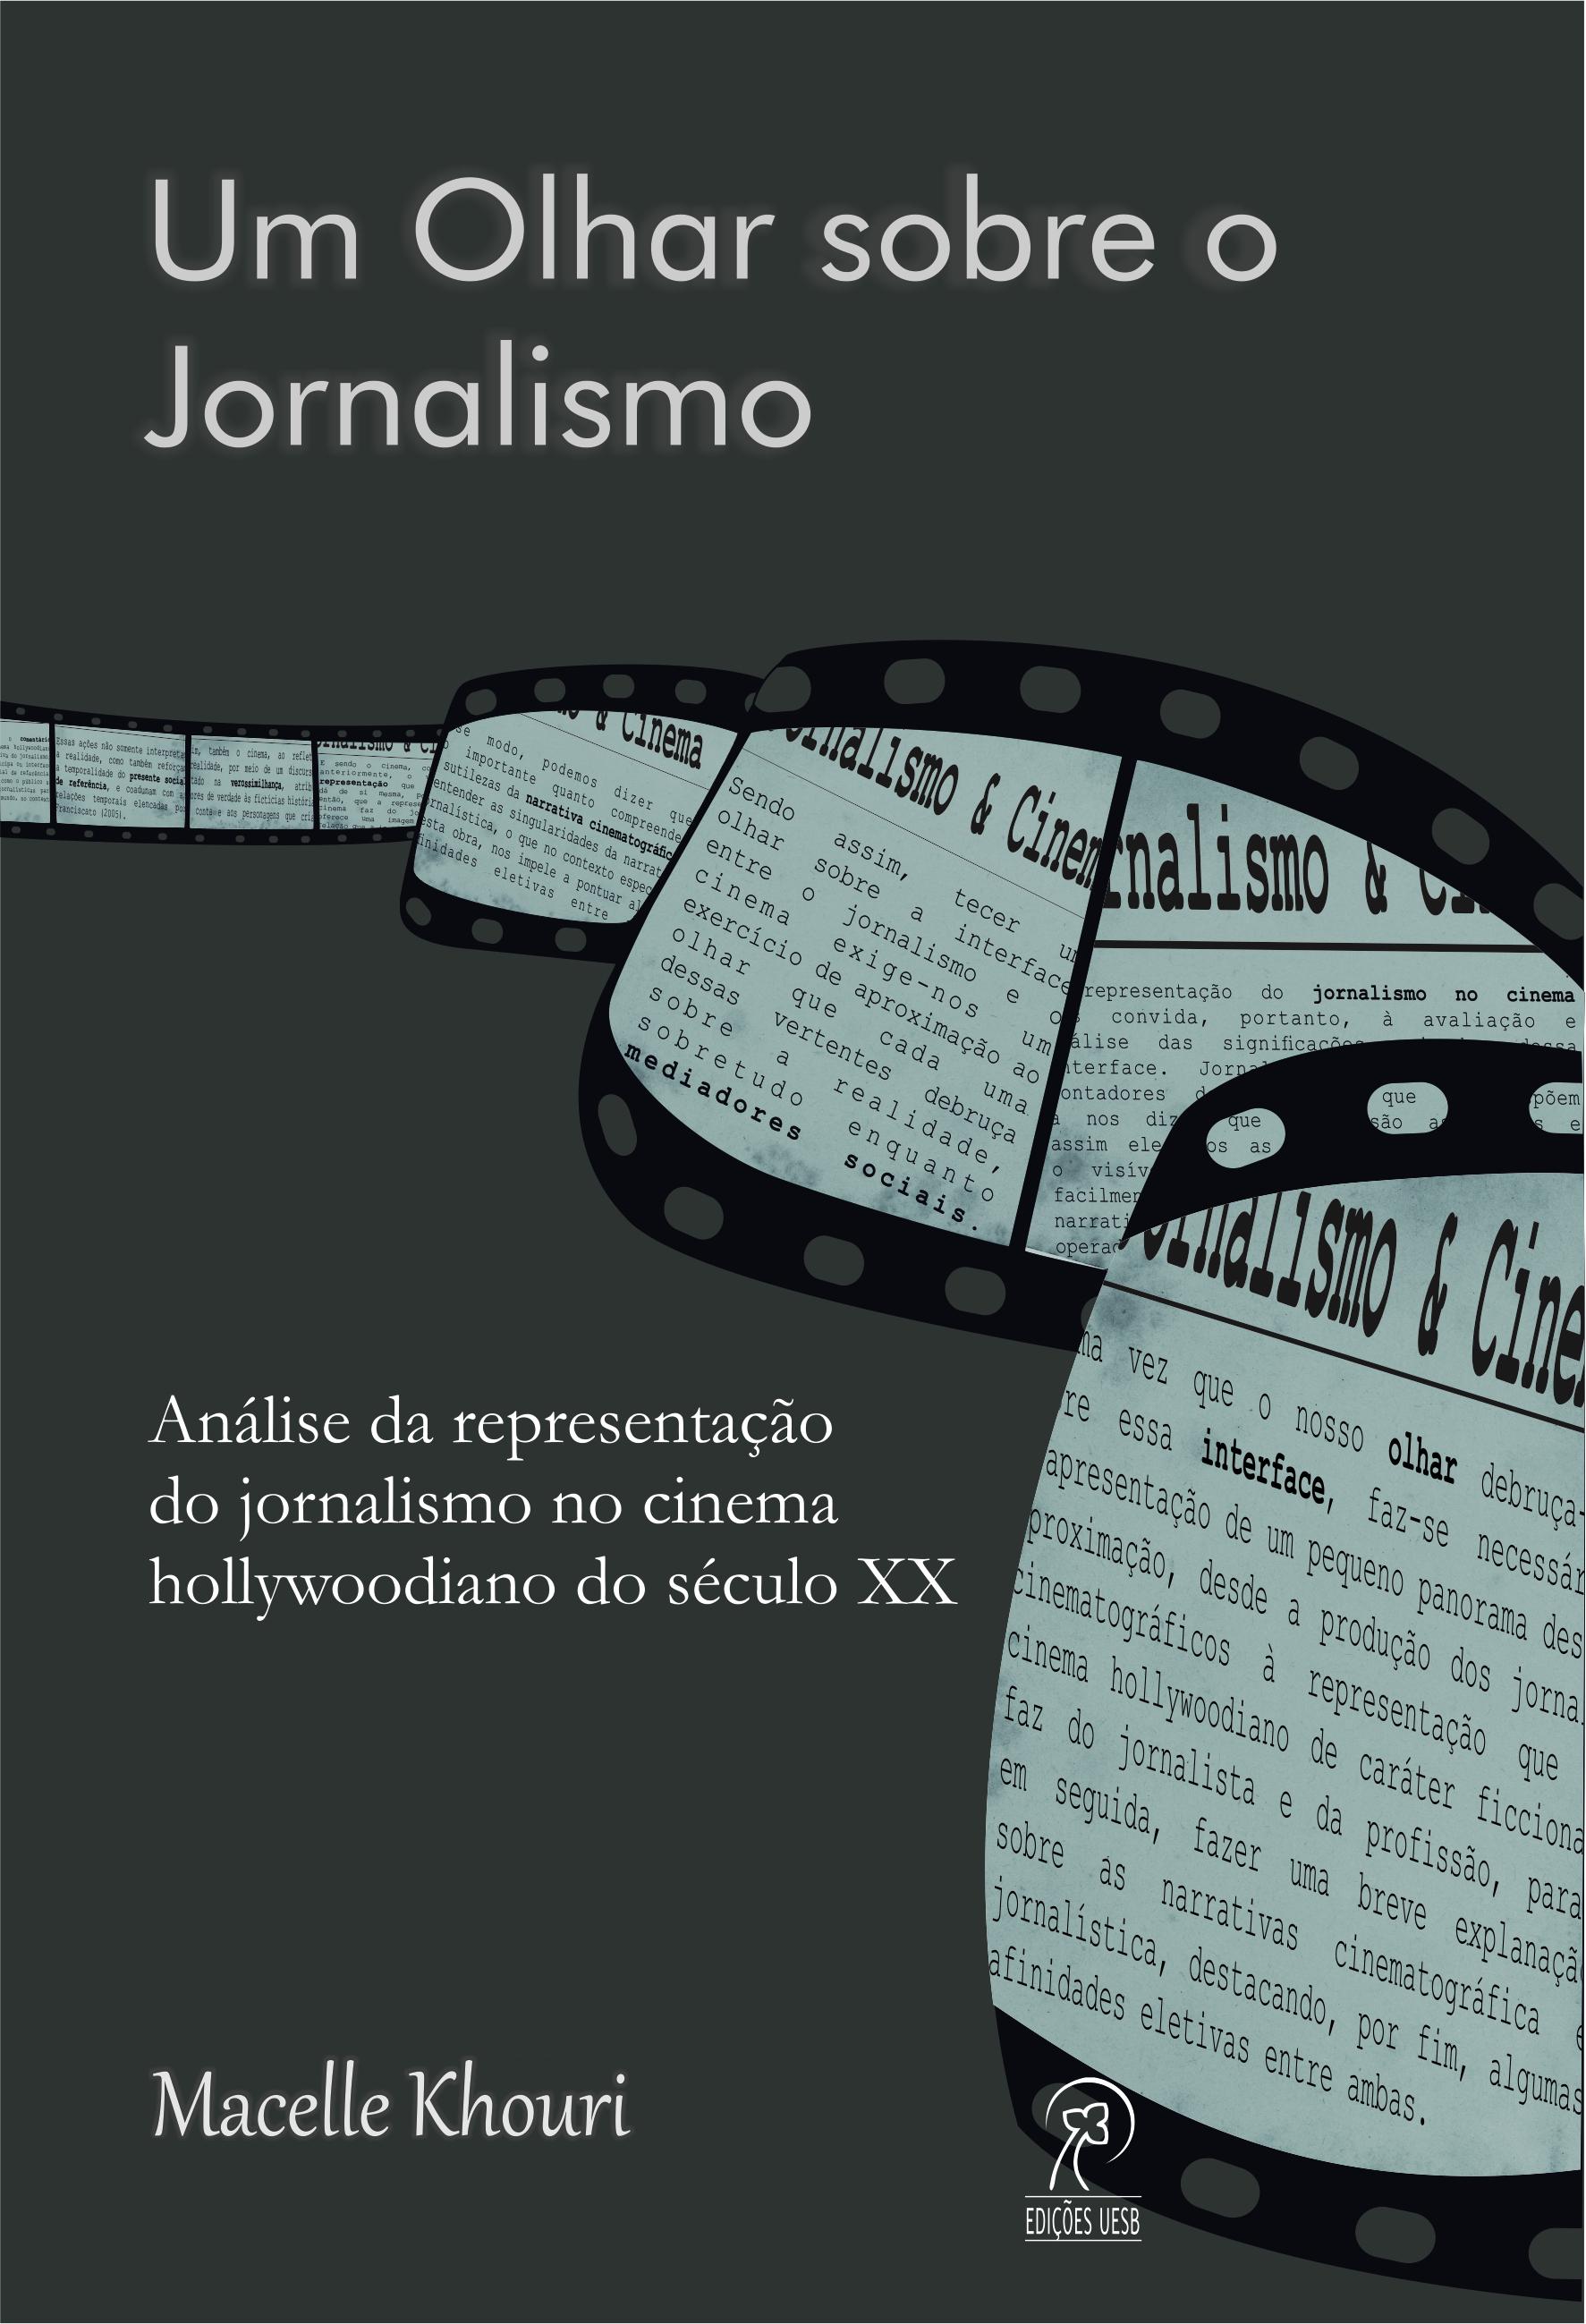 Um olhar sobre o jornalismo: análise da representação do jornalismo no cinema hollywoodiano do século XX